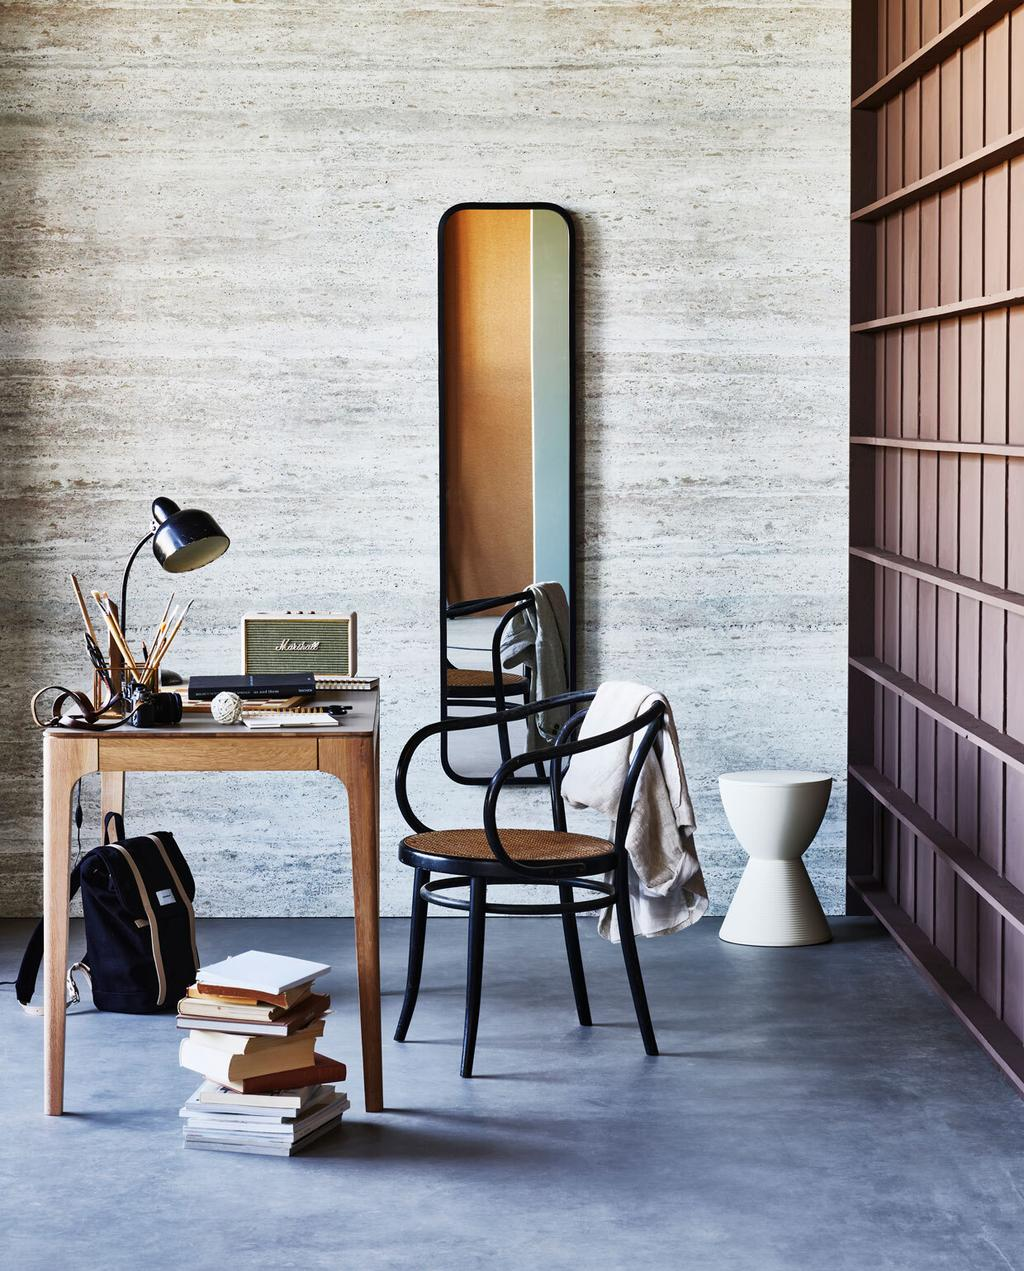 nieuwbouwhuis: tips voor de muren